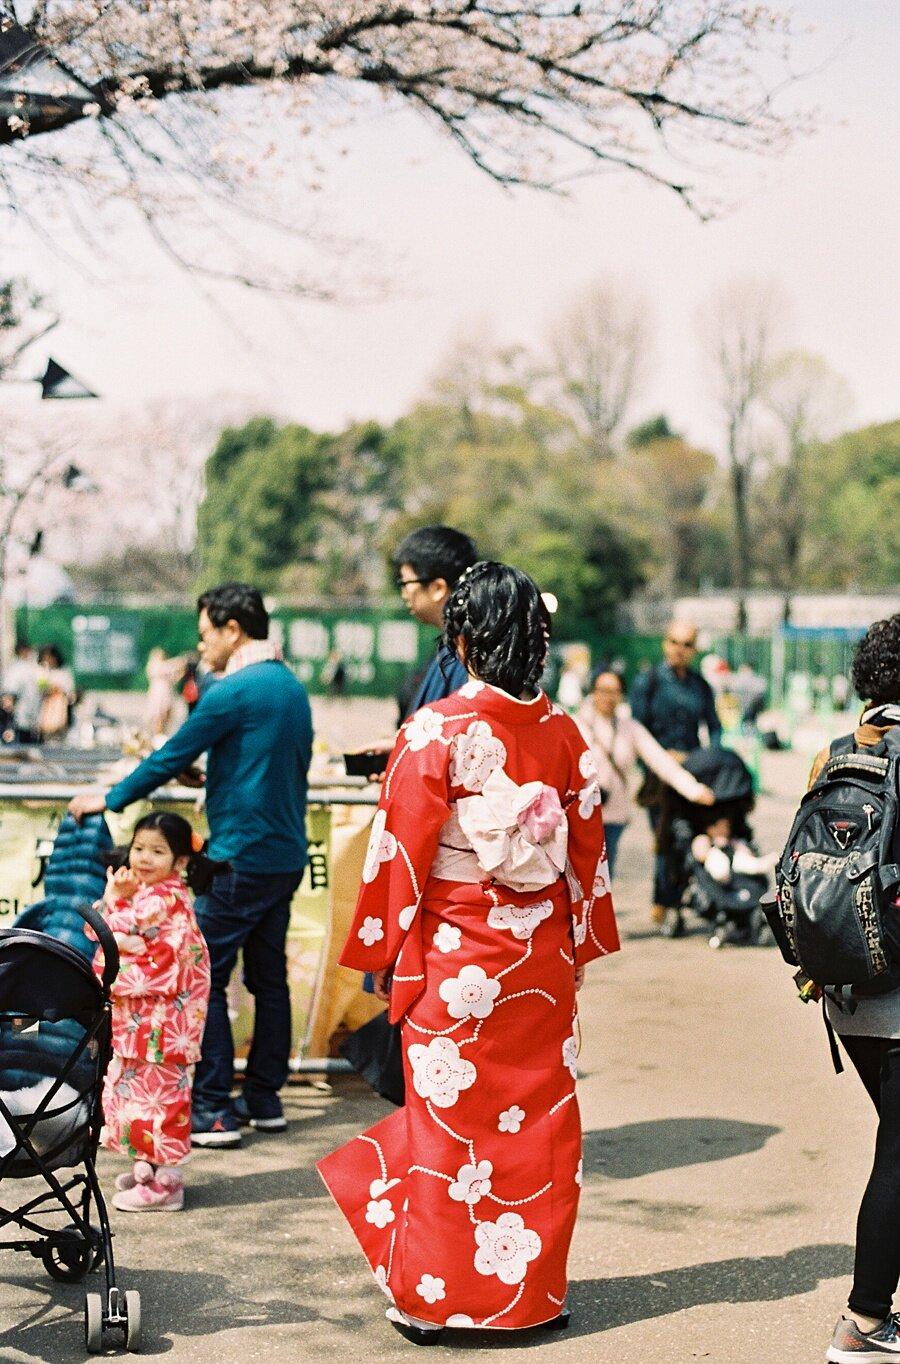 AmandaHartfield_Japan-129.jpg